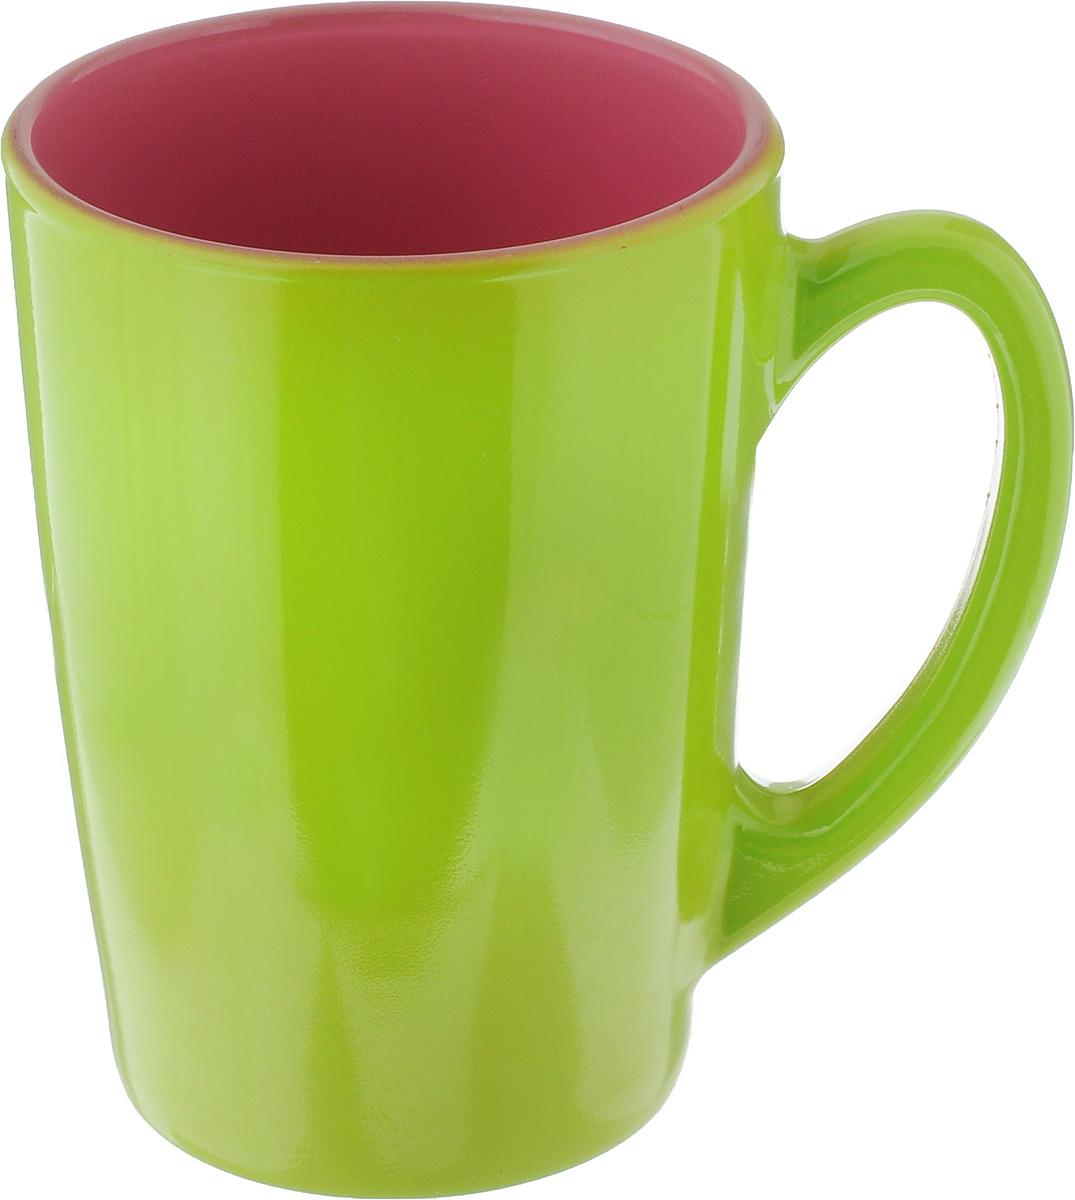 Кружка Luminarc Spring Break, цвет: салатовый, розовый, 320 мл. J3417-1J3417-1_салатовый, розовыйКружка Luminarc Spring Break, изготовленная из ударопрочного стекла, прекрасно подойдет для горячих и холодных напитков. Она дополнит коллекцию вашей кухонной посуды и будет служить долгие годы. Можно использовать в микроволновой печи и мыть в посудомоечной машине. Диаметр кружки (по верхнему краю): 8 см. Высота стенки кружки: 11 см.